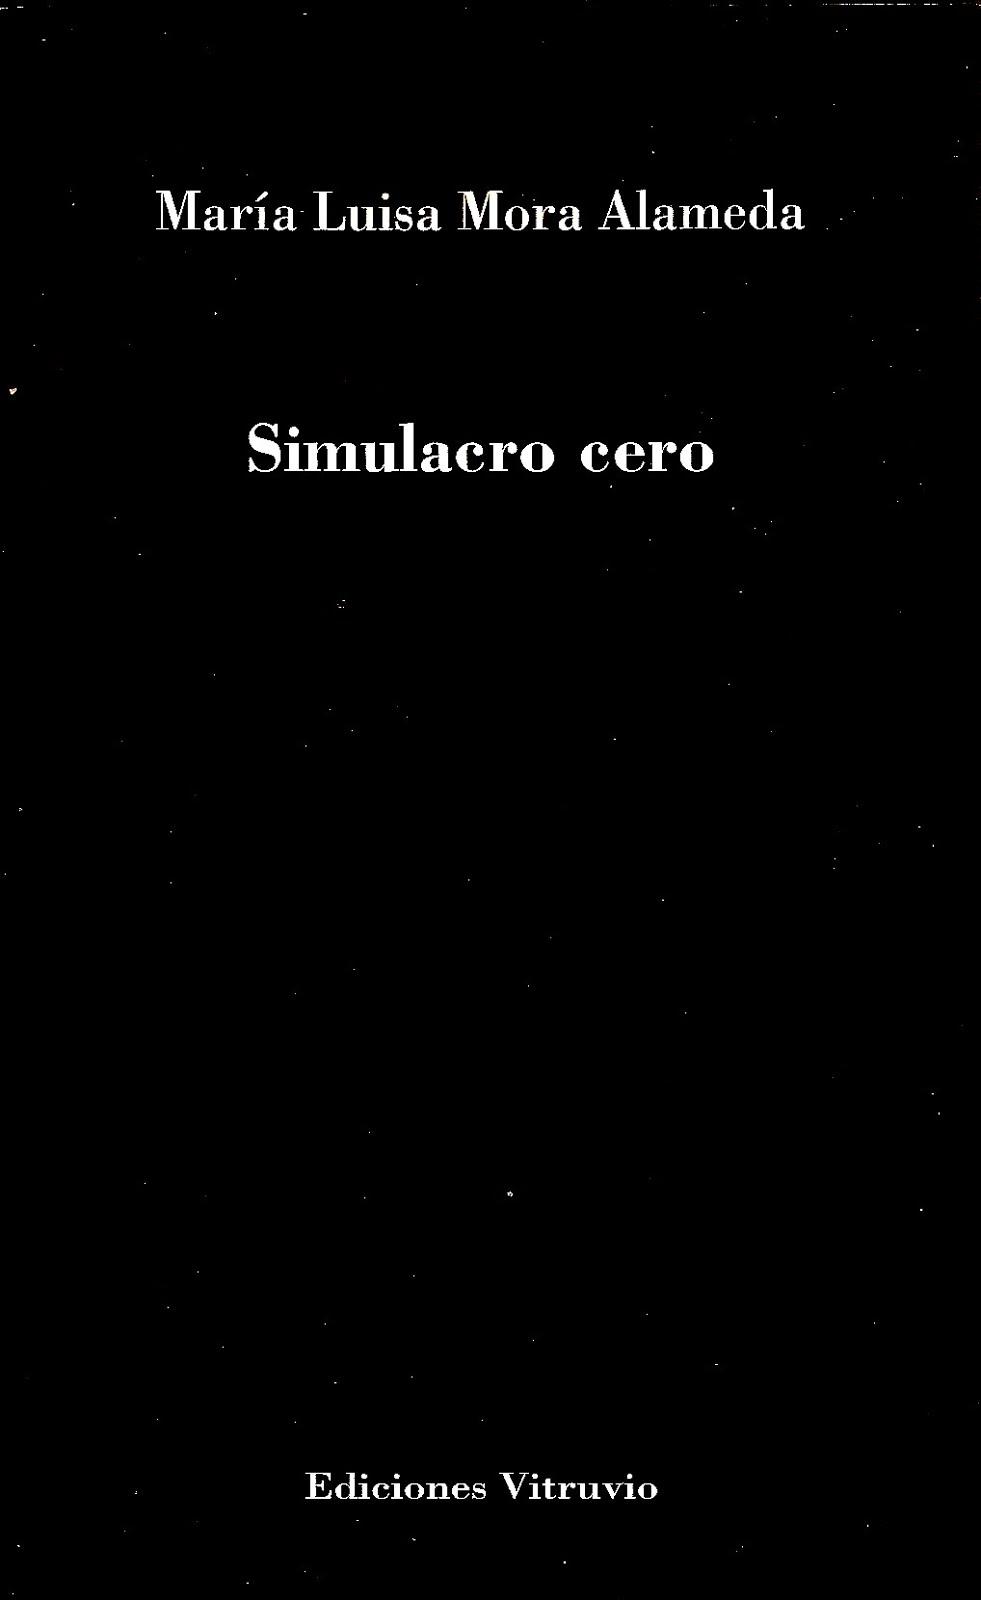 Simulacro cero